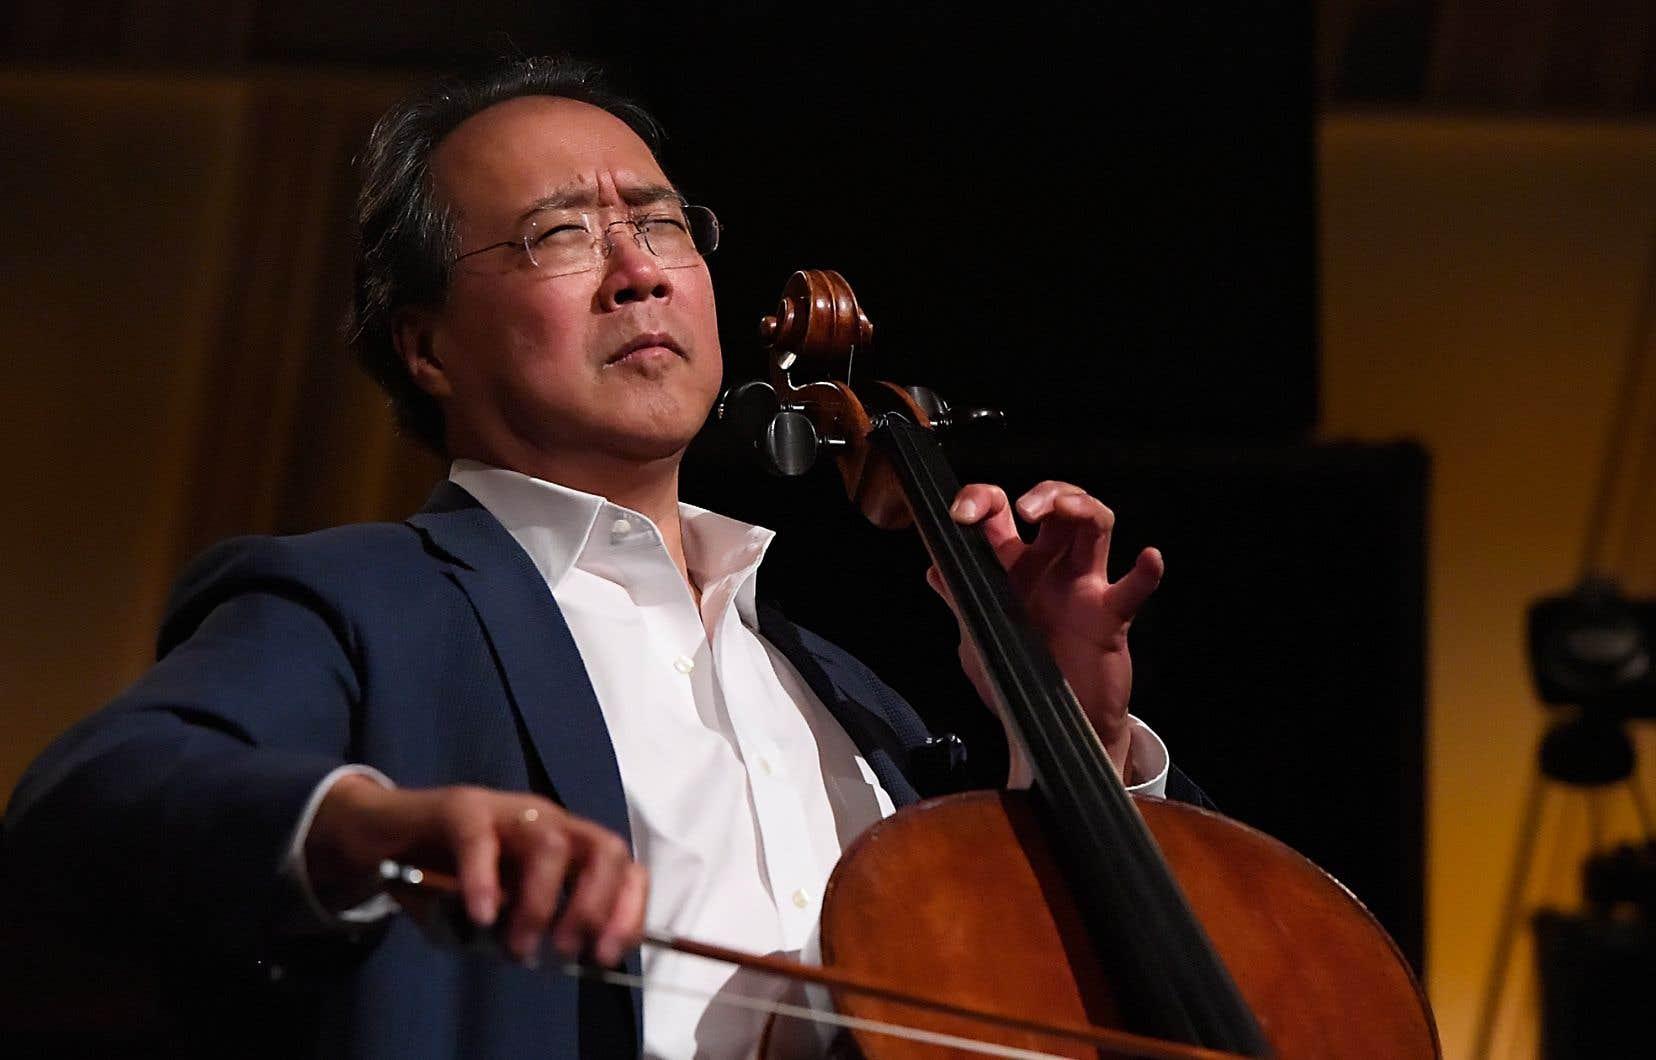 Le violoncelliste Yo Yo Ma proposera une «exploration interactive» dans laquelle son jeu devrait être associé à des effets visuels.